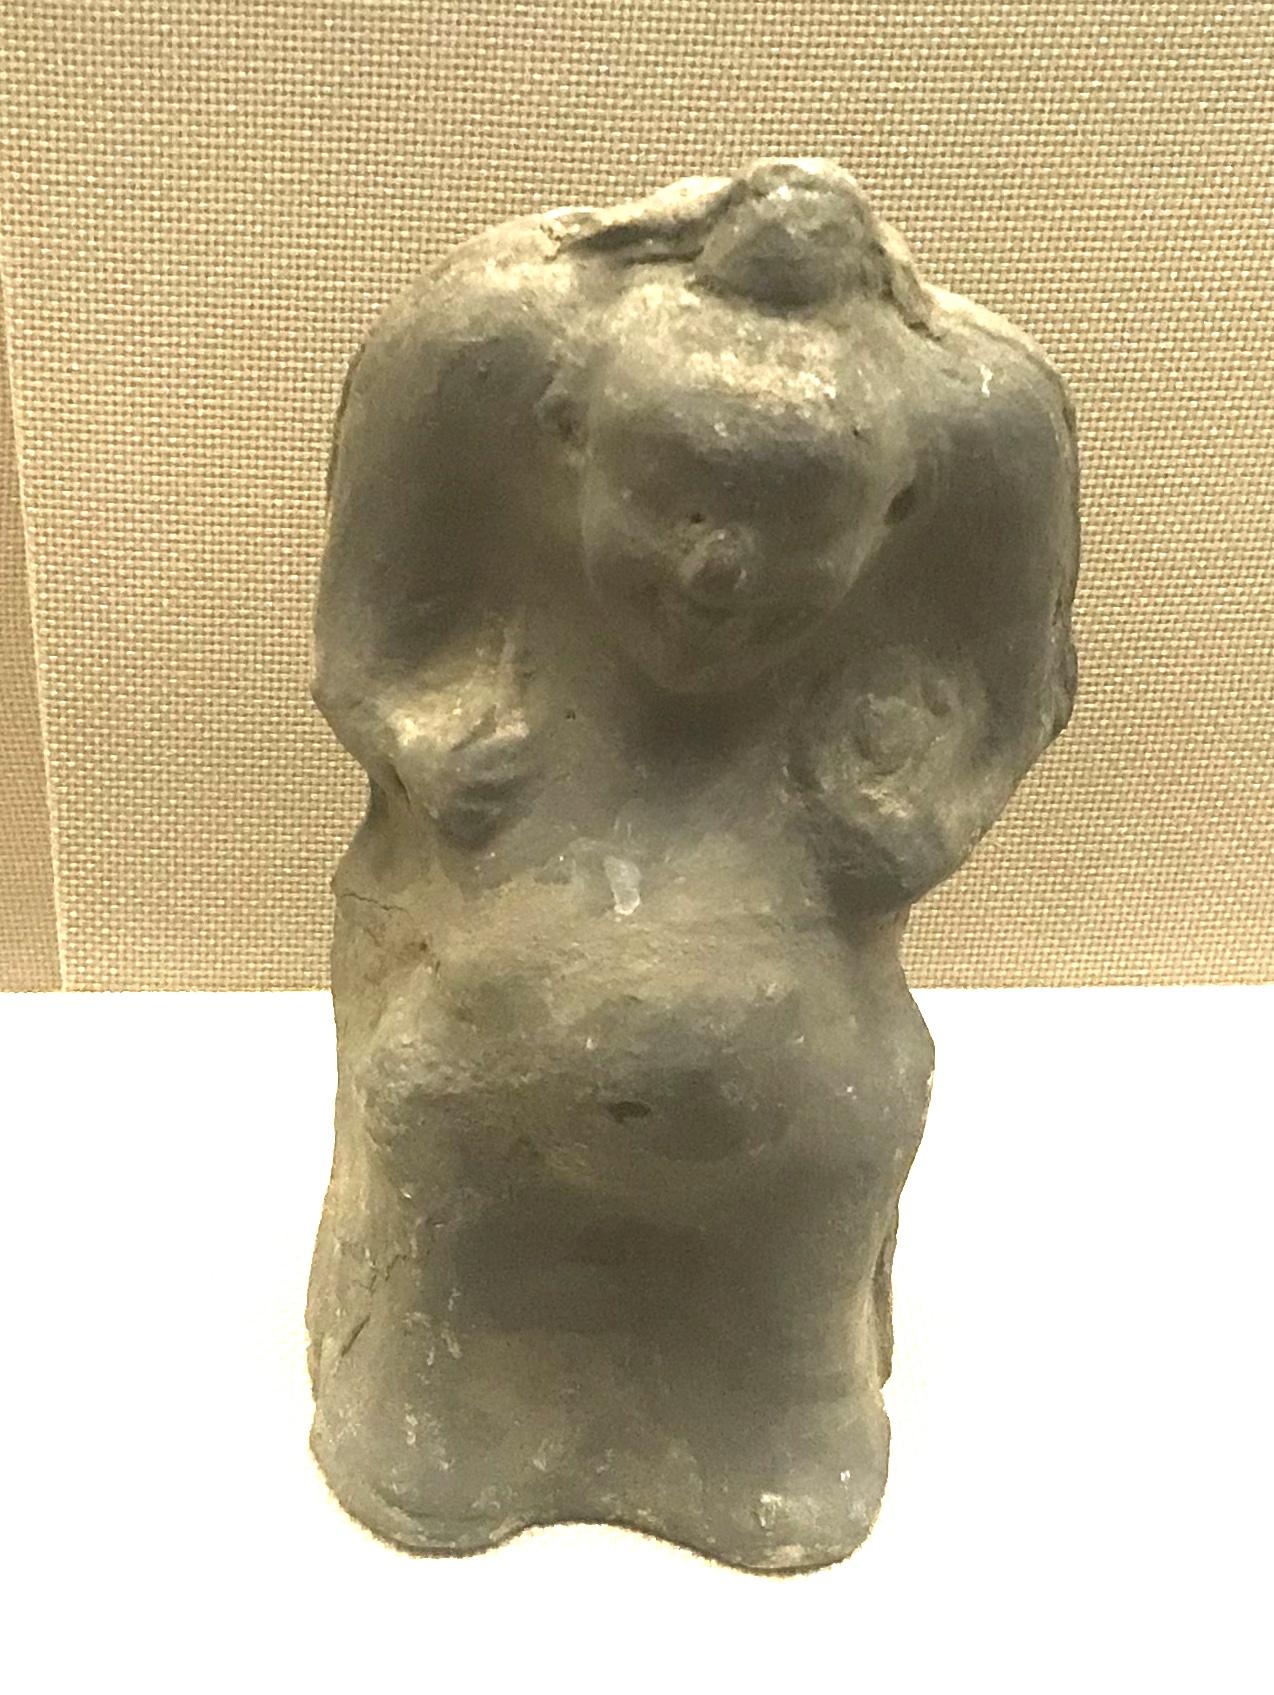 陶説唱俑3-東漢-四川漢代陶石芸術館-四川博物院-成都